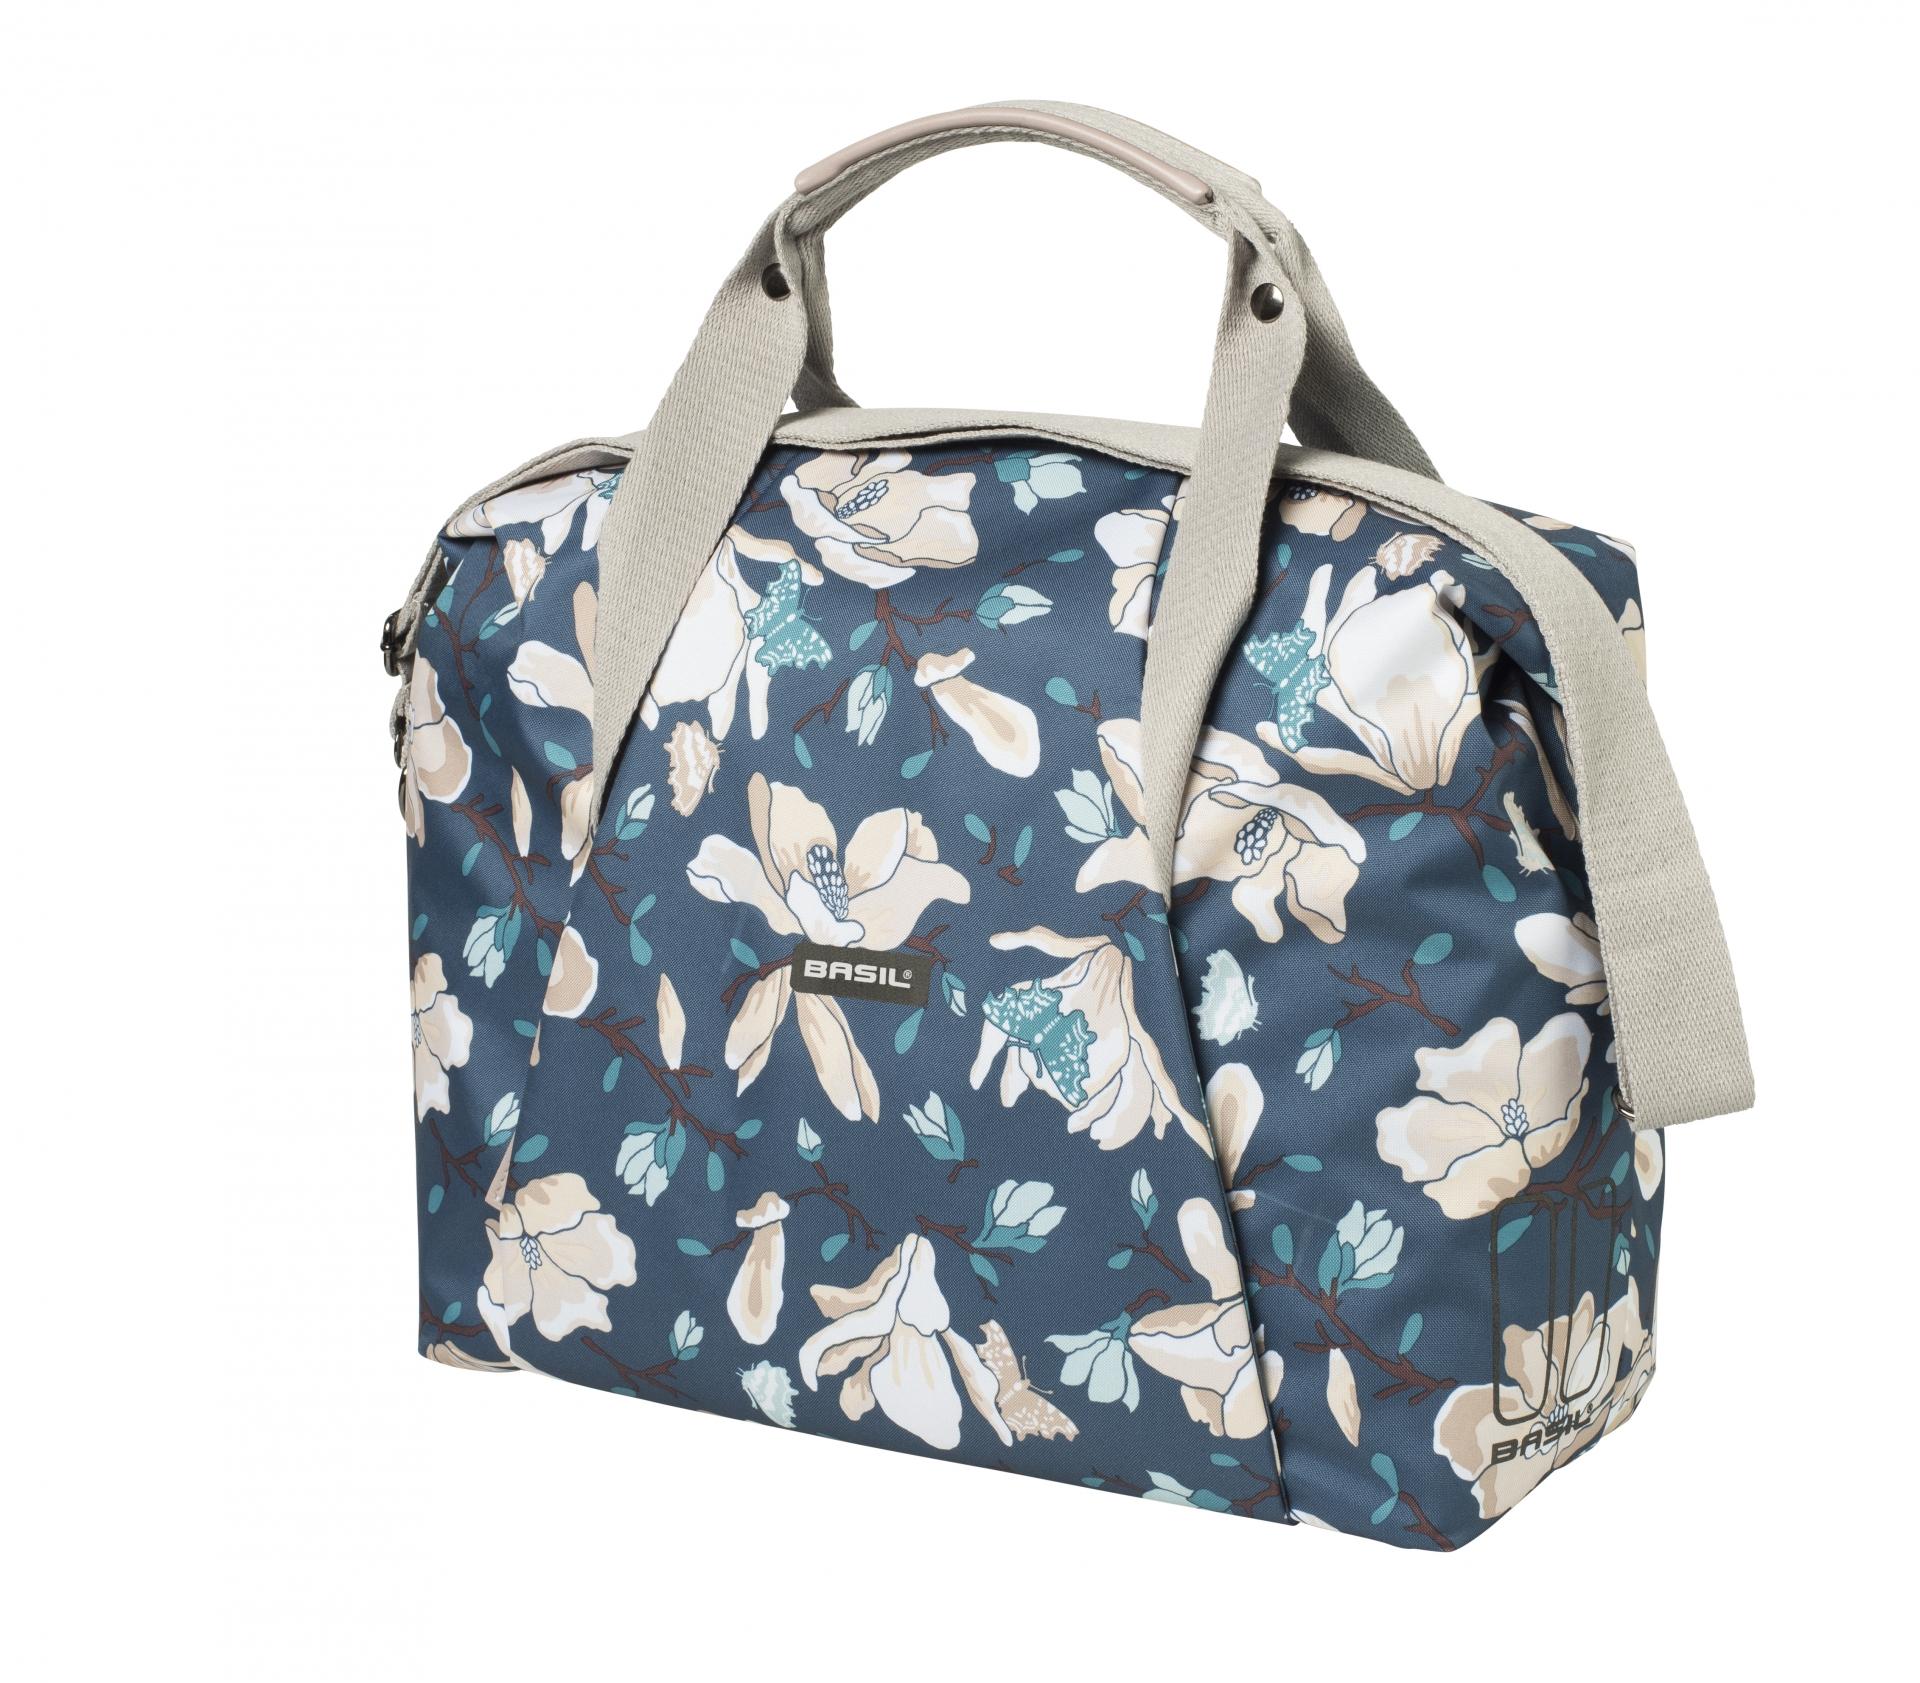 Sac BASIL Magnolia Fix.rapide Hook-On sur porte-bagages avant-arrière + housse imperméable 18 L Teal